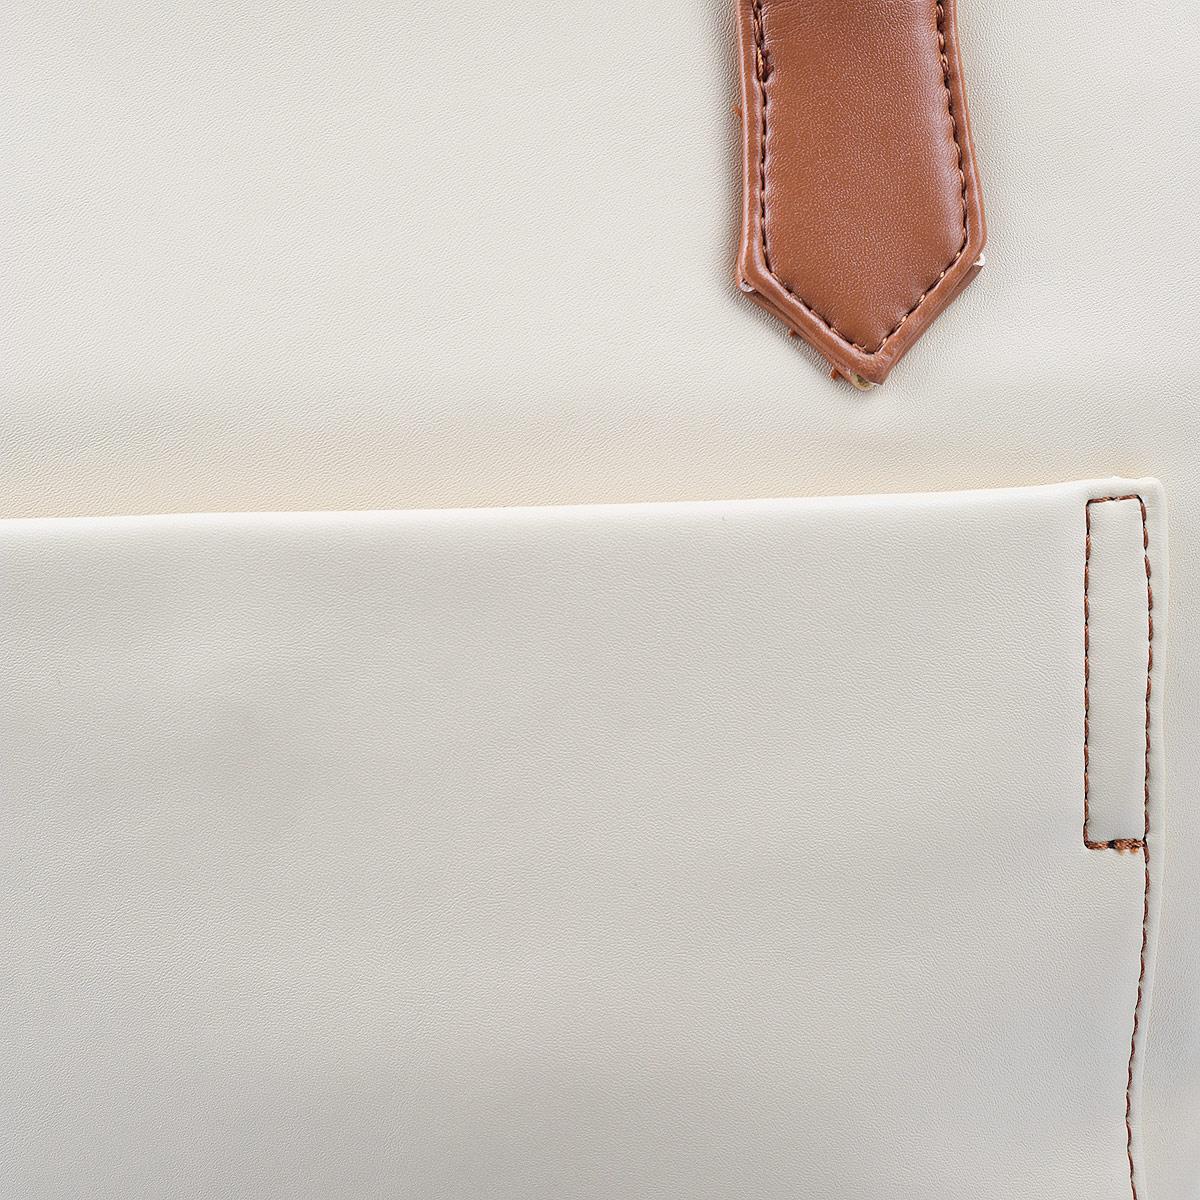 Сумка женская Leighton, цвет: бежевый, коричневый. 10870-082/905/082/840 ( 10870-082/905/082/840 )